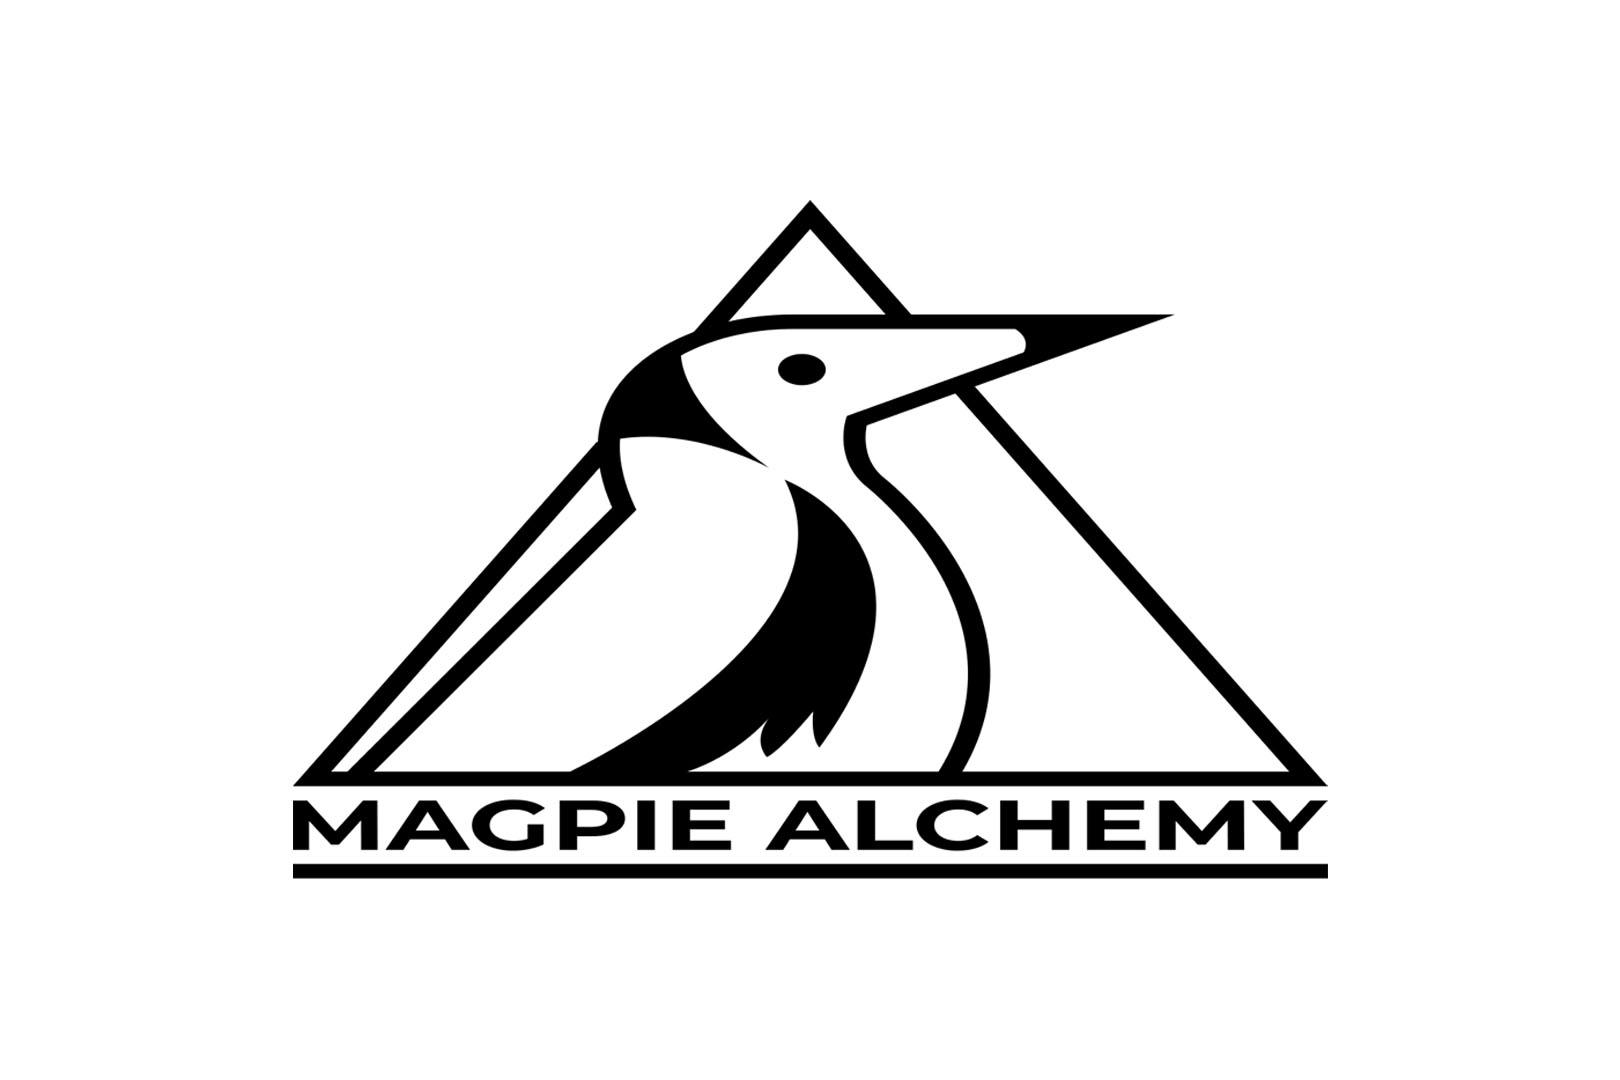 Magpie_Alchemy_logo_mock_0002_Layer 5